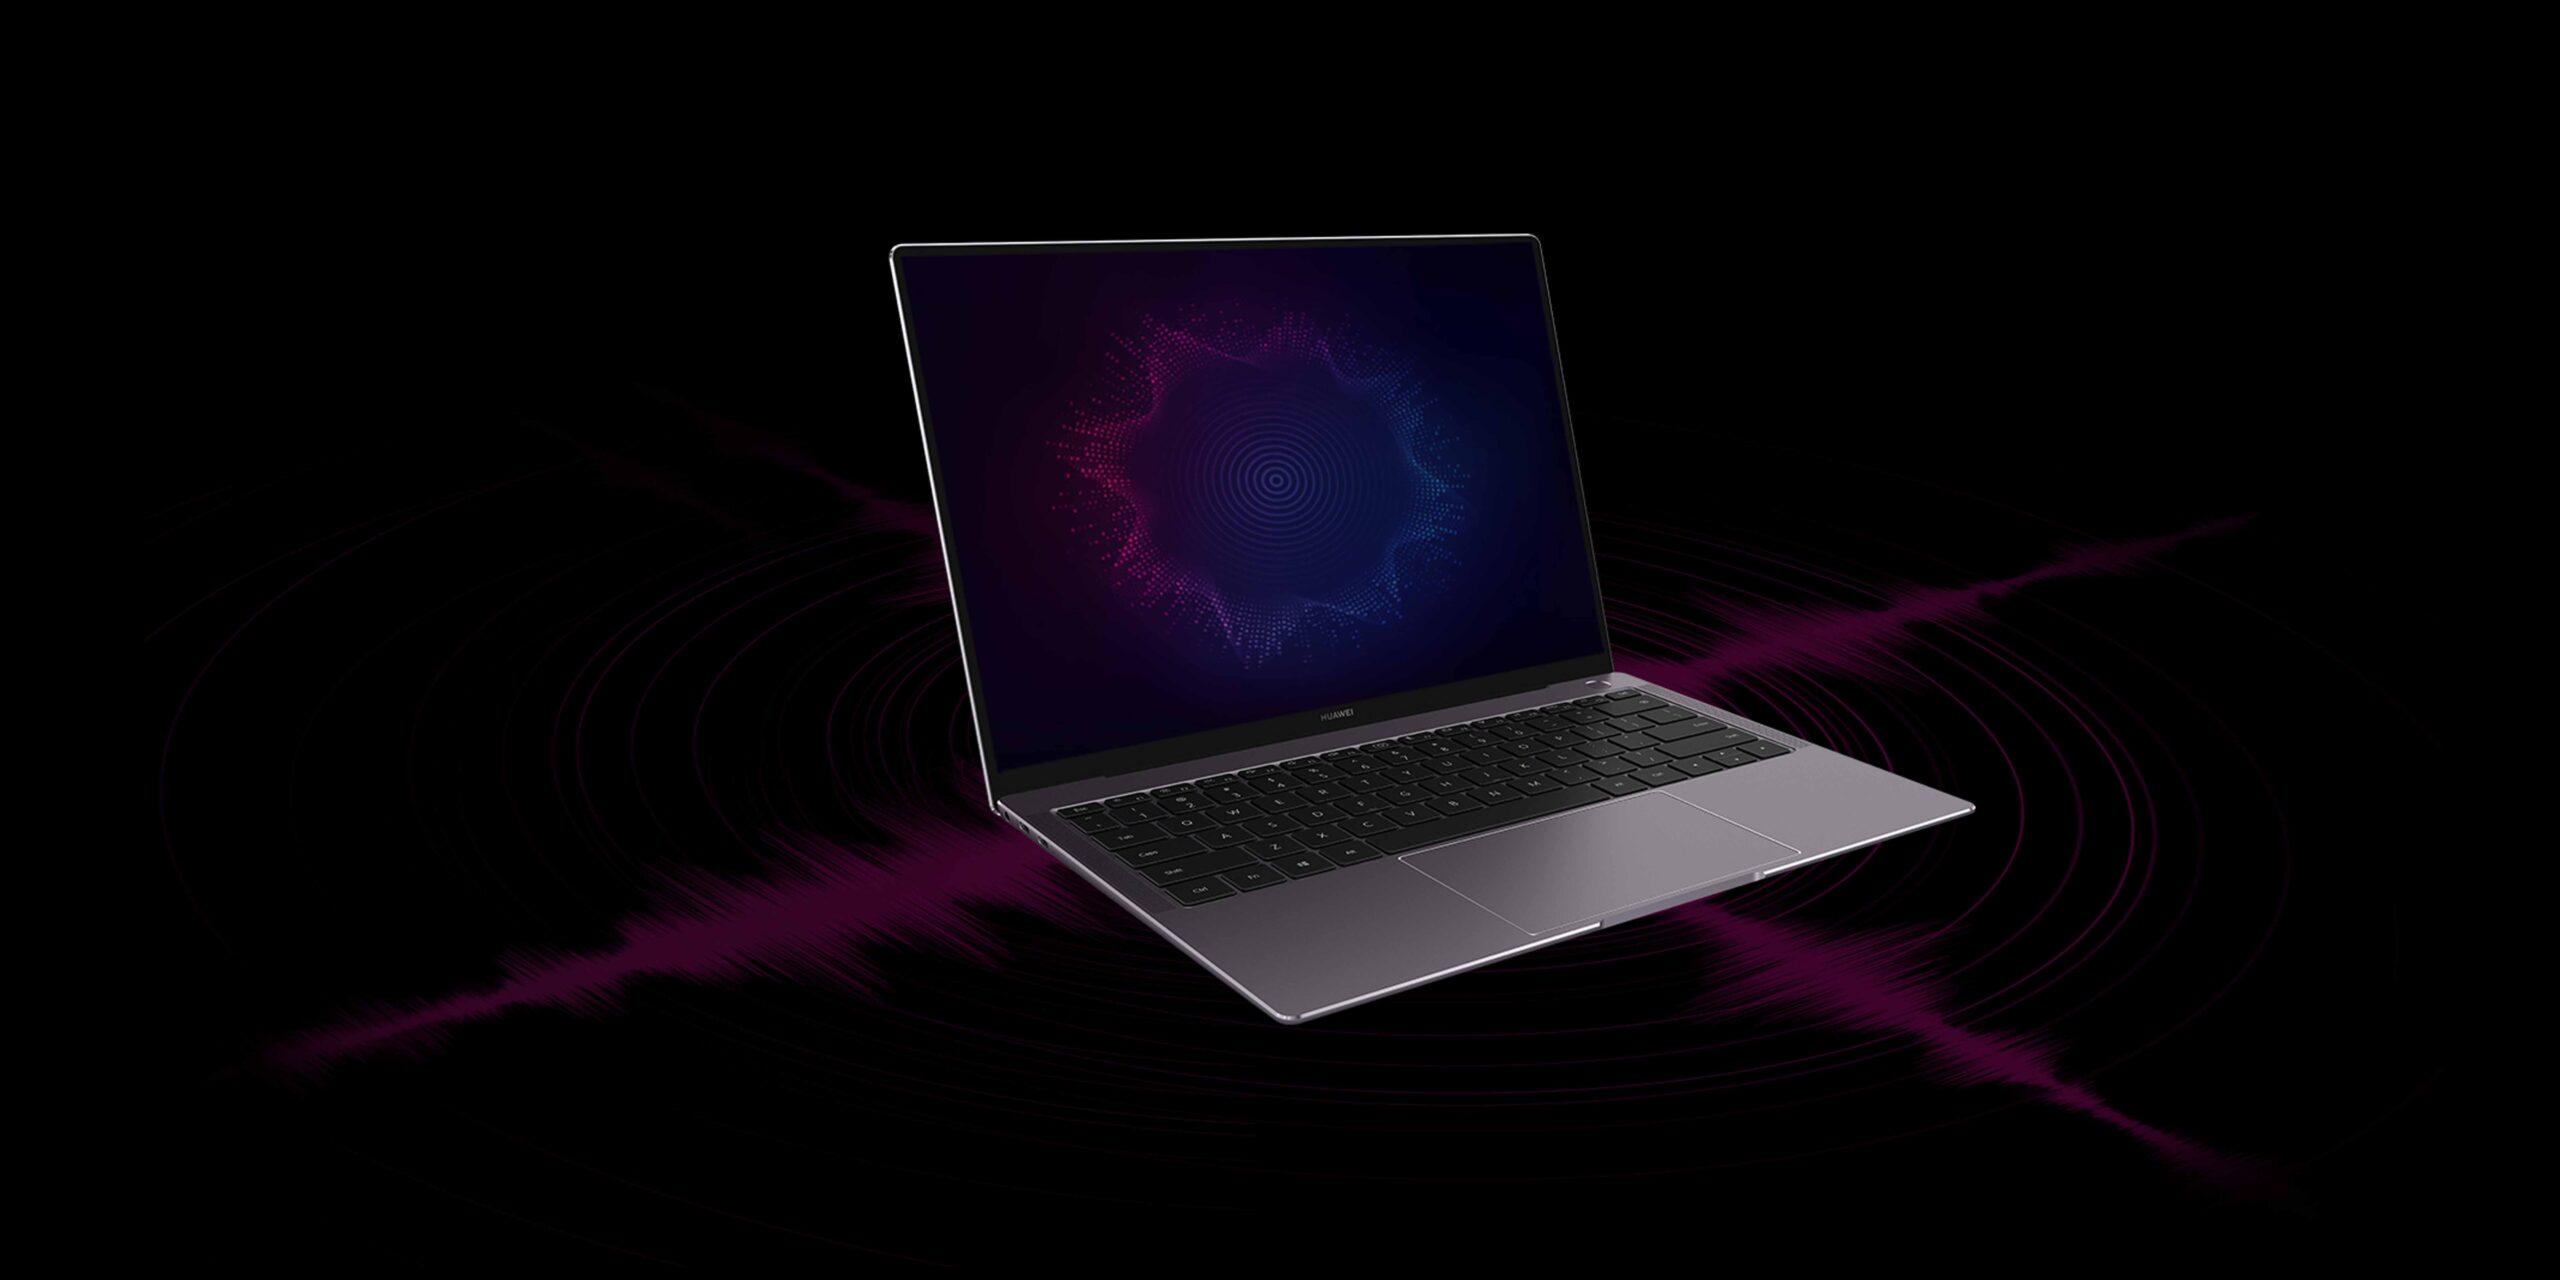 فروش فوق العاده لپ تاپ هواوی میت بوک ایکس پرو